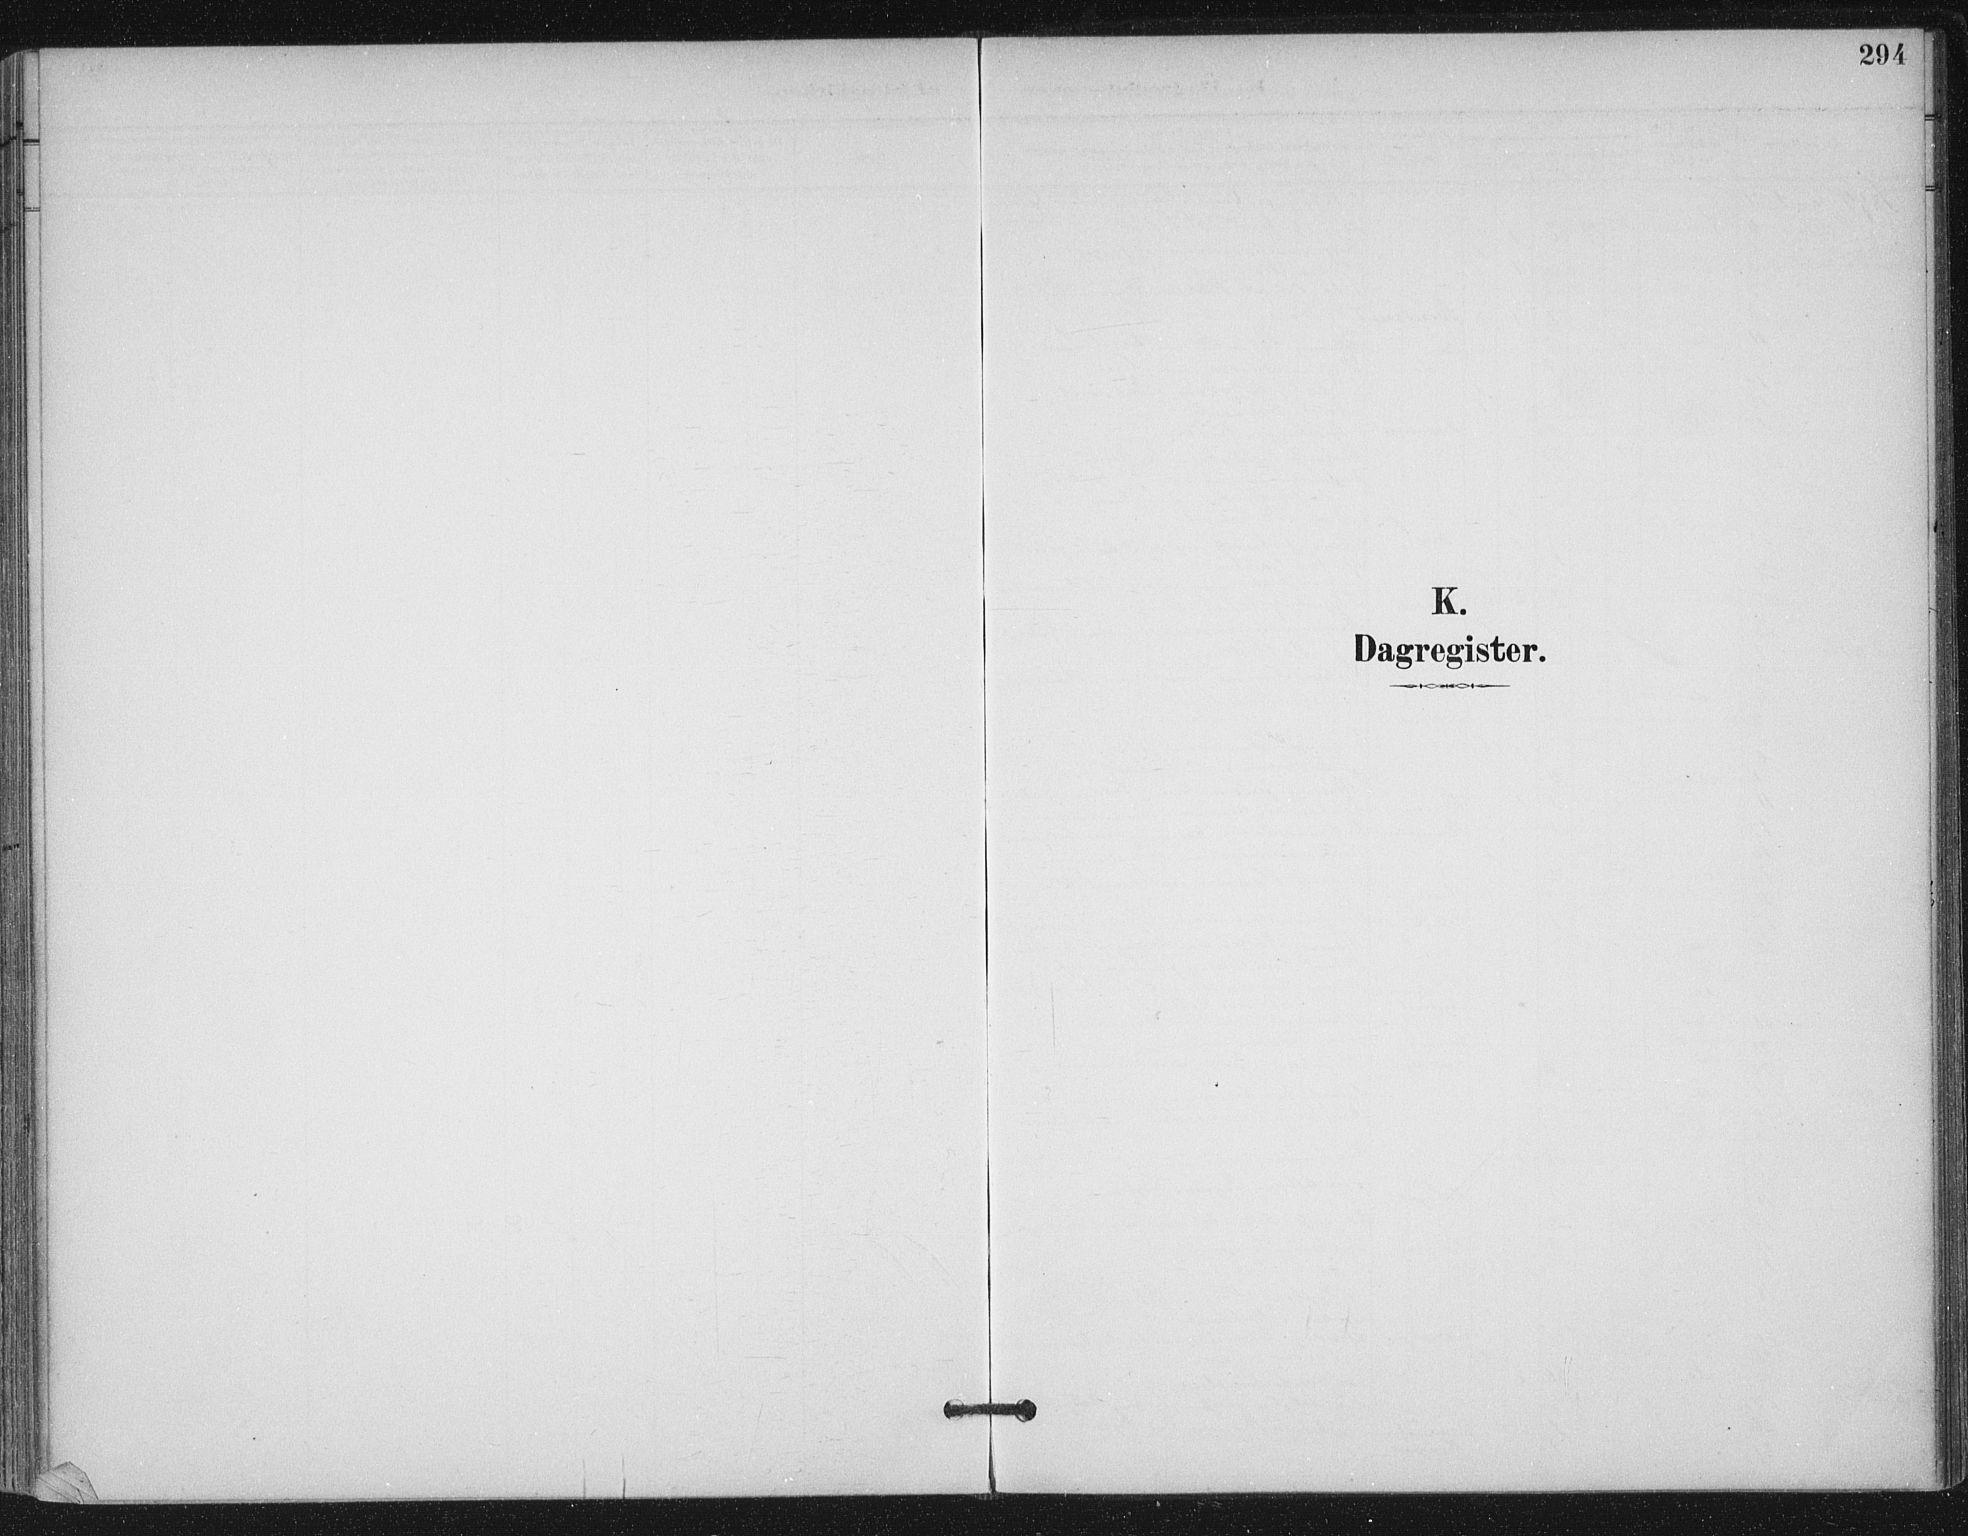 SAT, Ministerialprotokoller, klokkerbøker og fødselsregistre - Møre og Romsdal, 529/L0457: Ministerialbok nr. 529A07, 1894-1903, s. 294